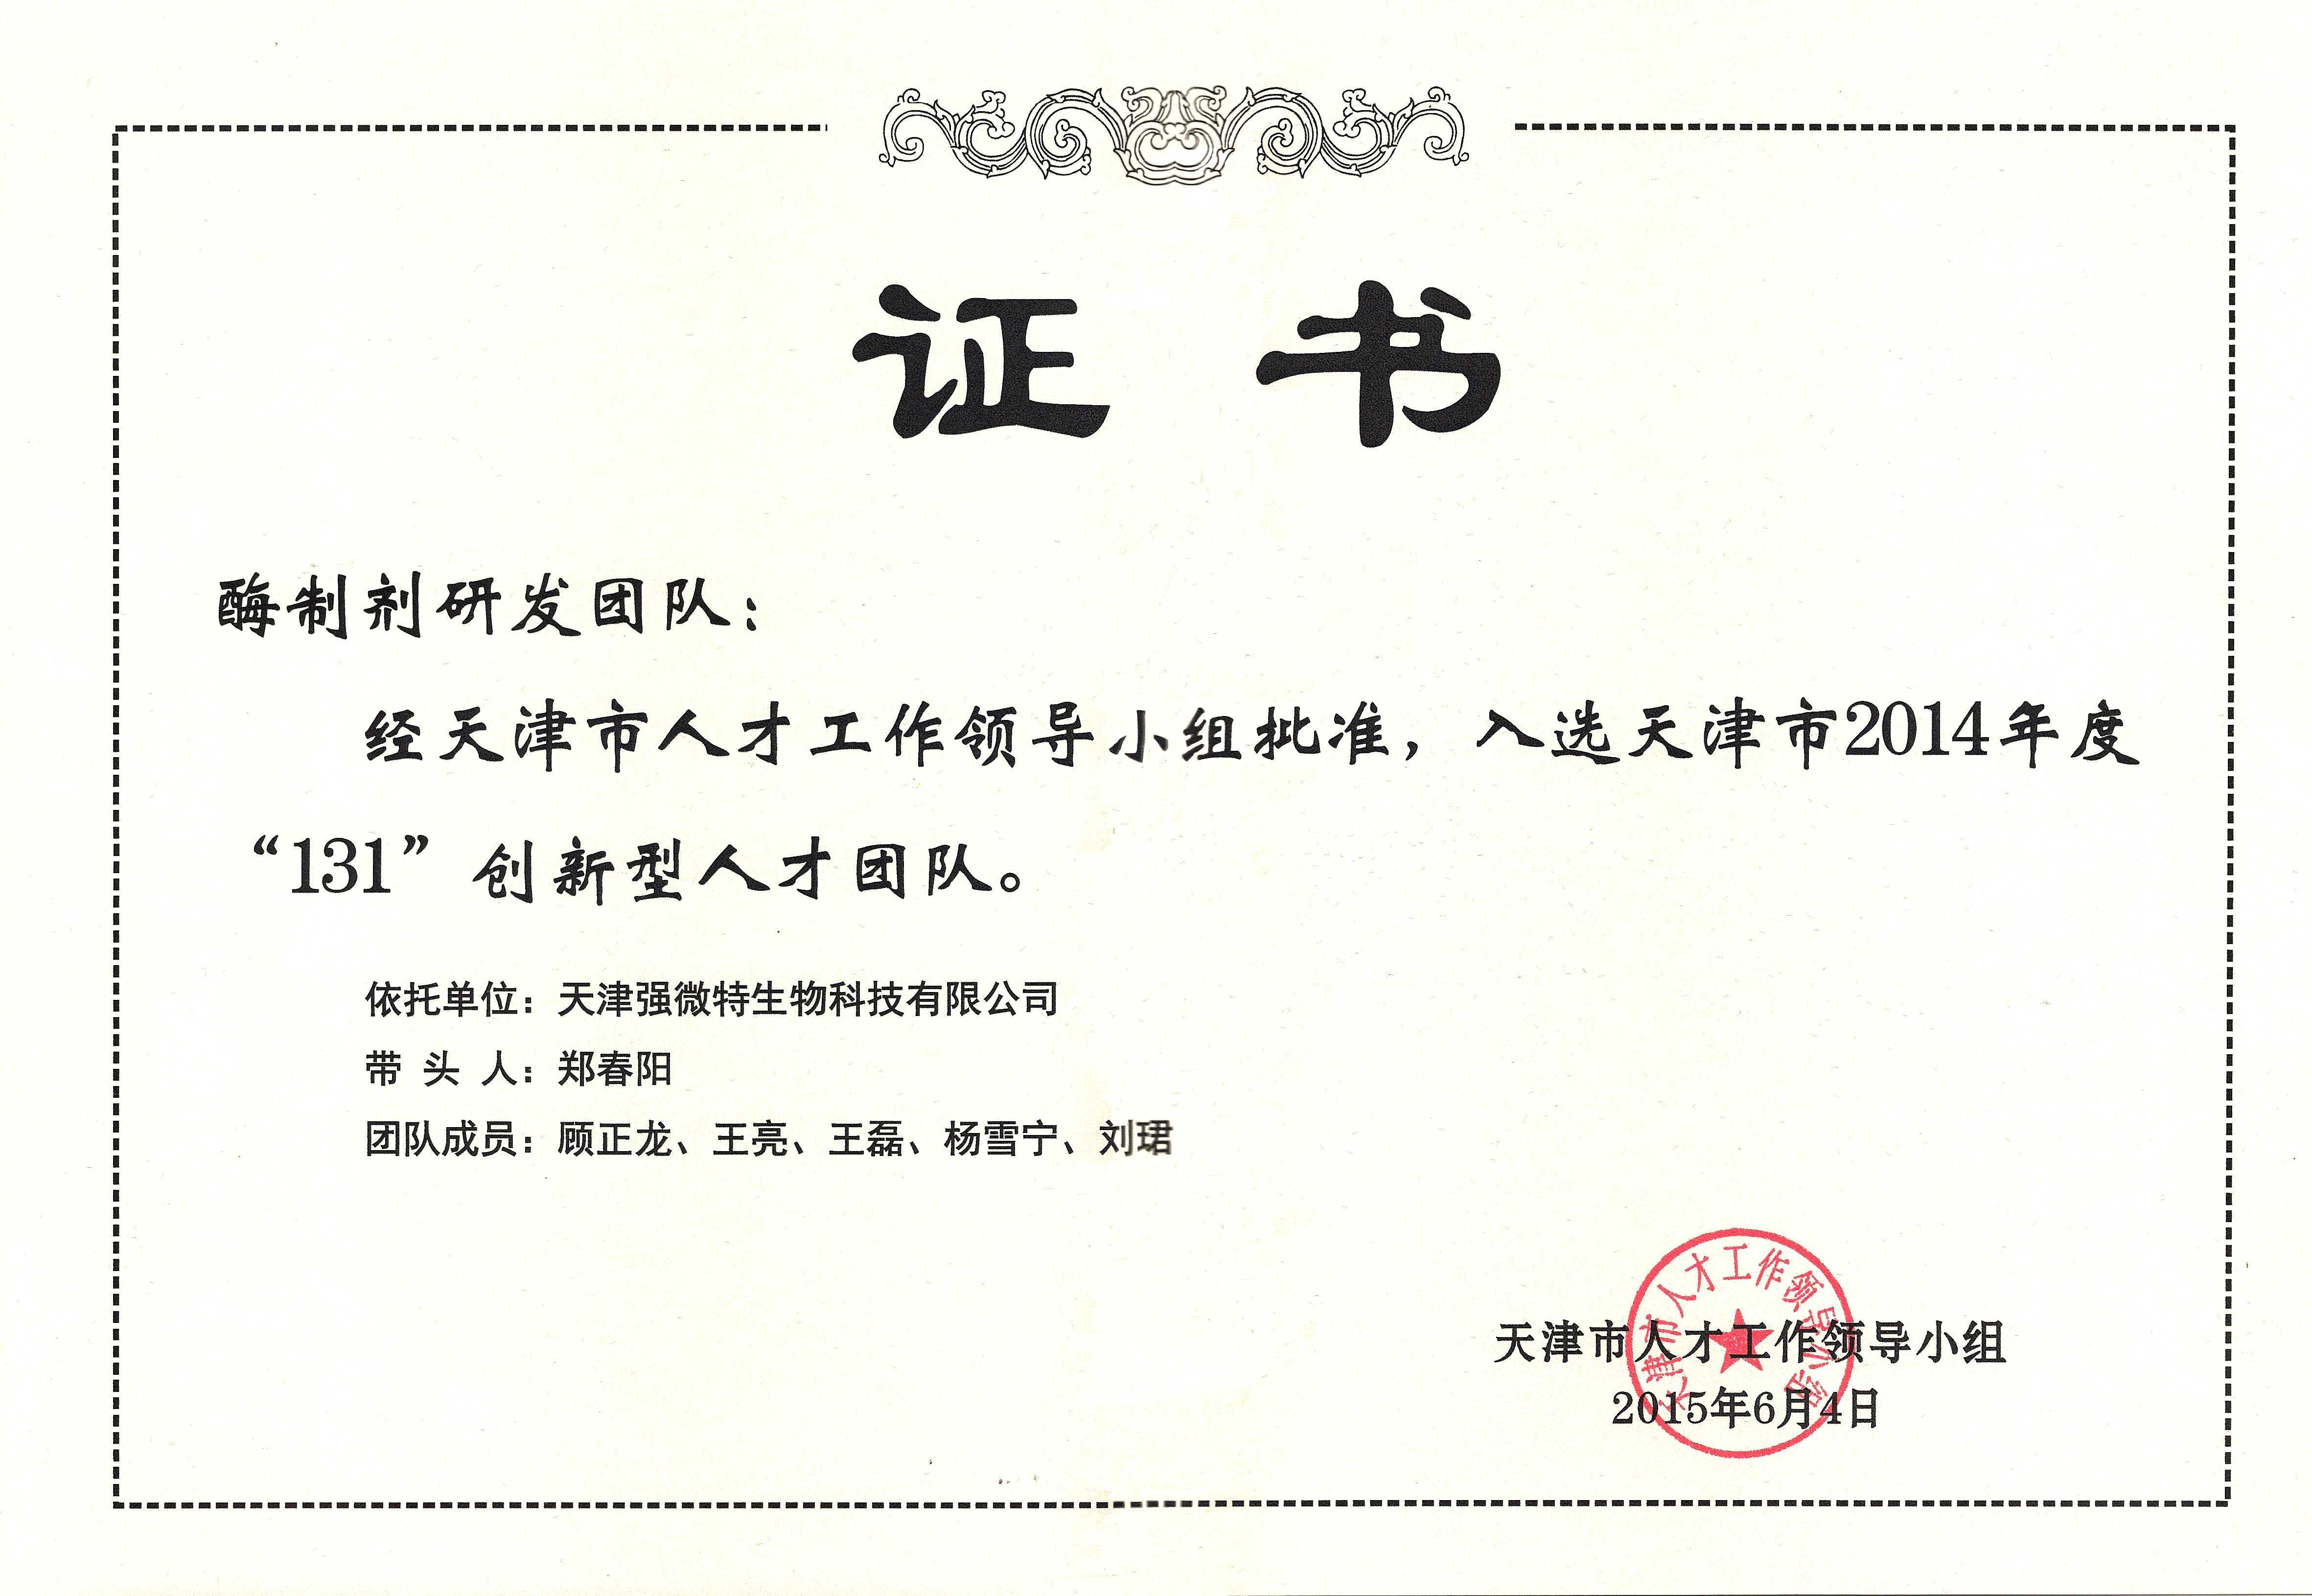 公司榮譽-131酶製劑人才團隊